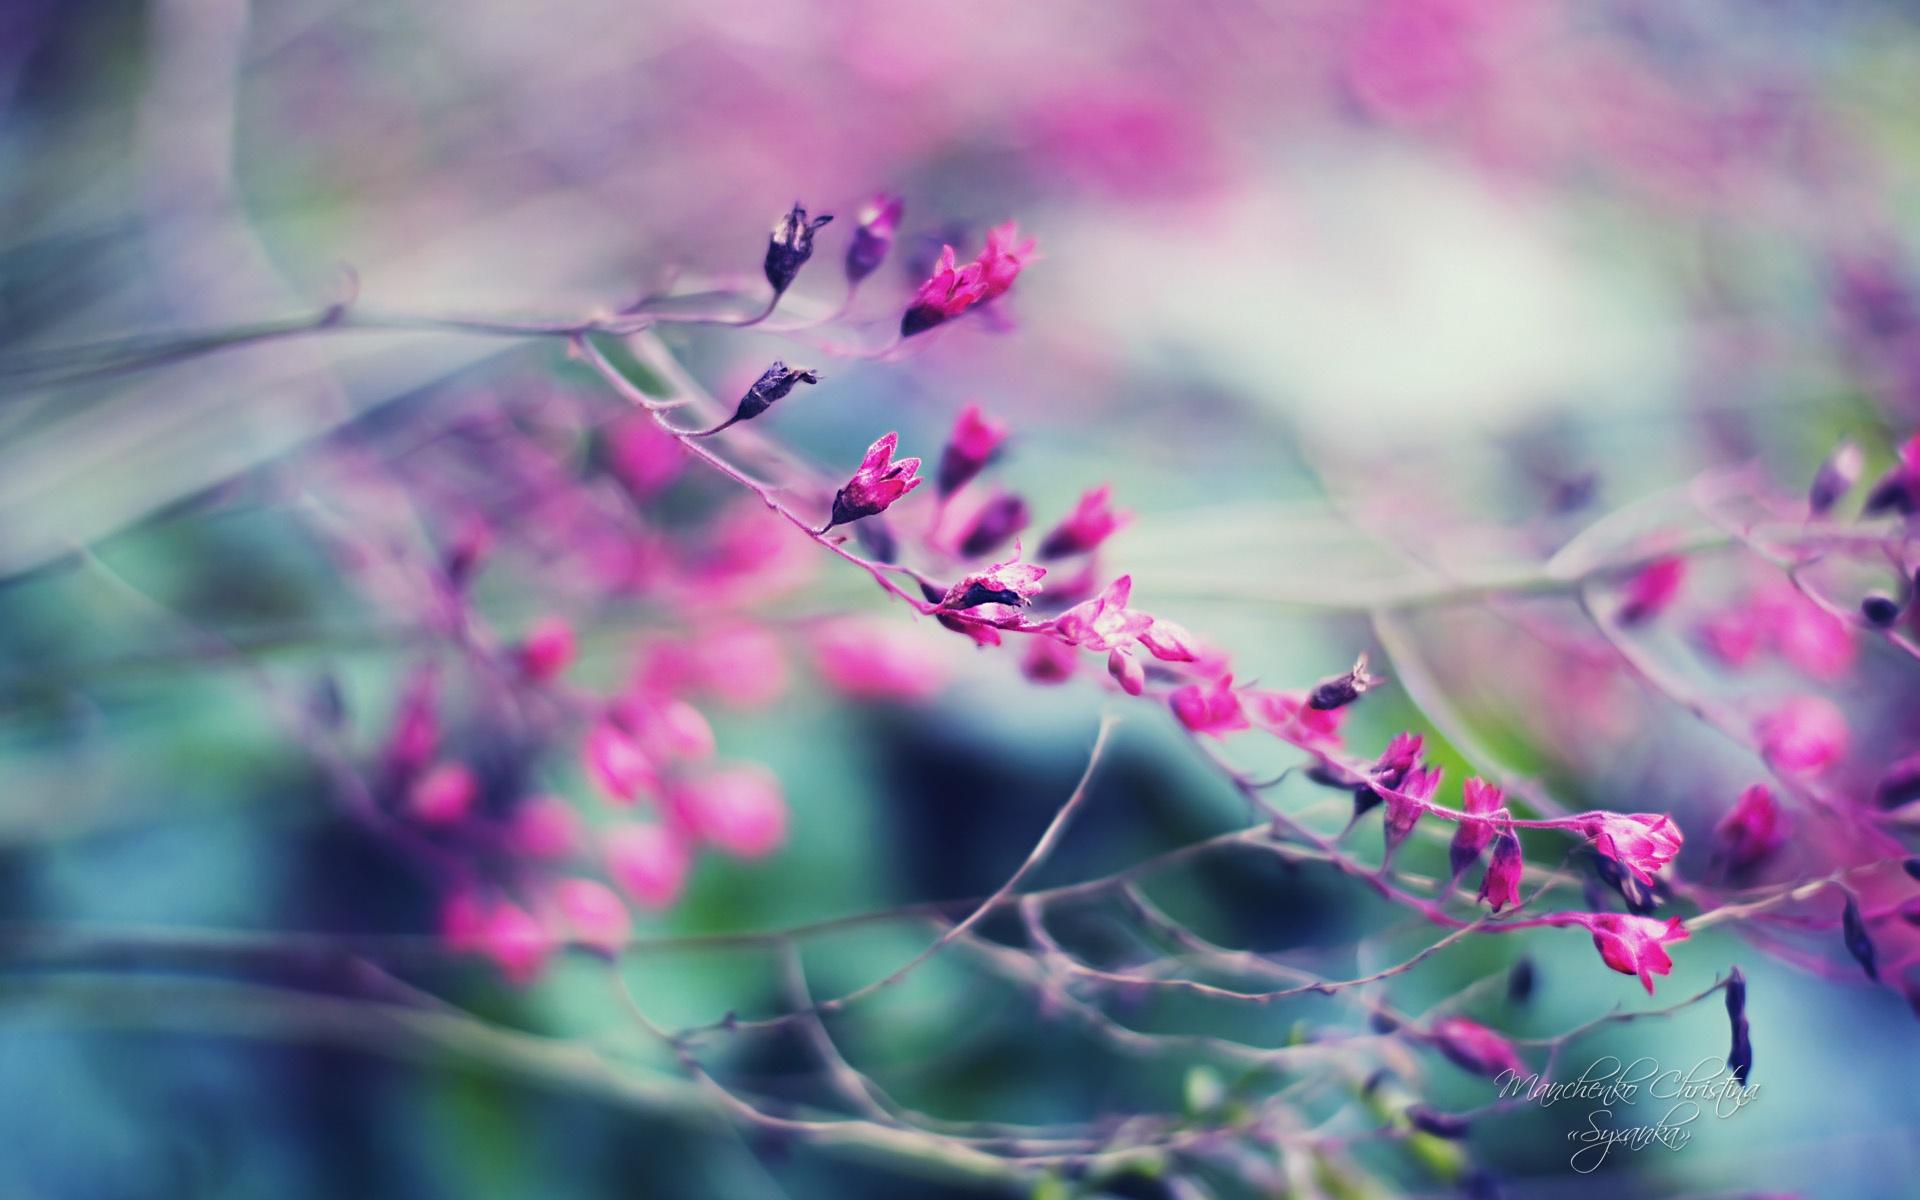 Adquiere Aqui Estos Fondos De Pantalla Con Flores Hermosas: Fondos De Pantalla Hermosos Jardines, Flores Moradas